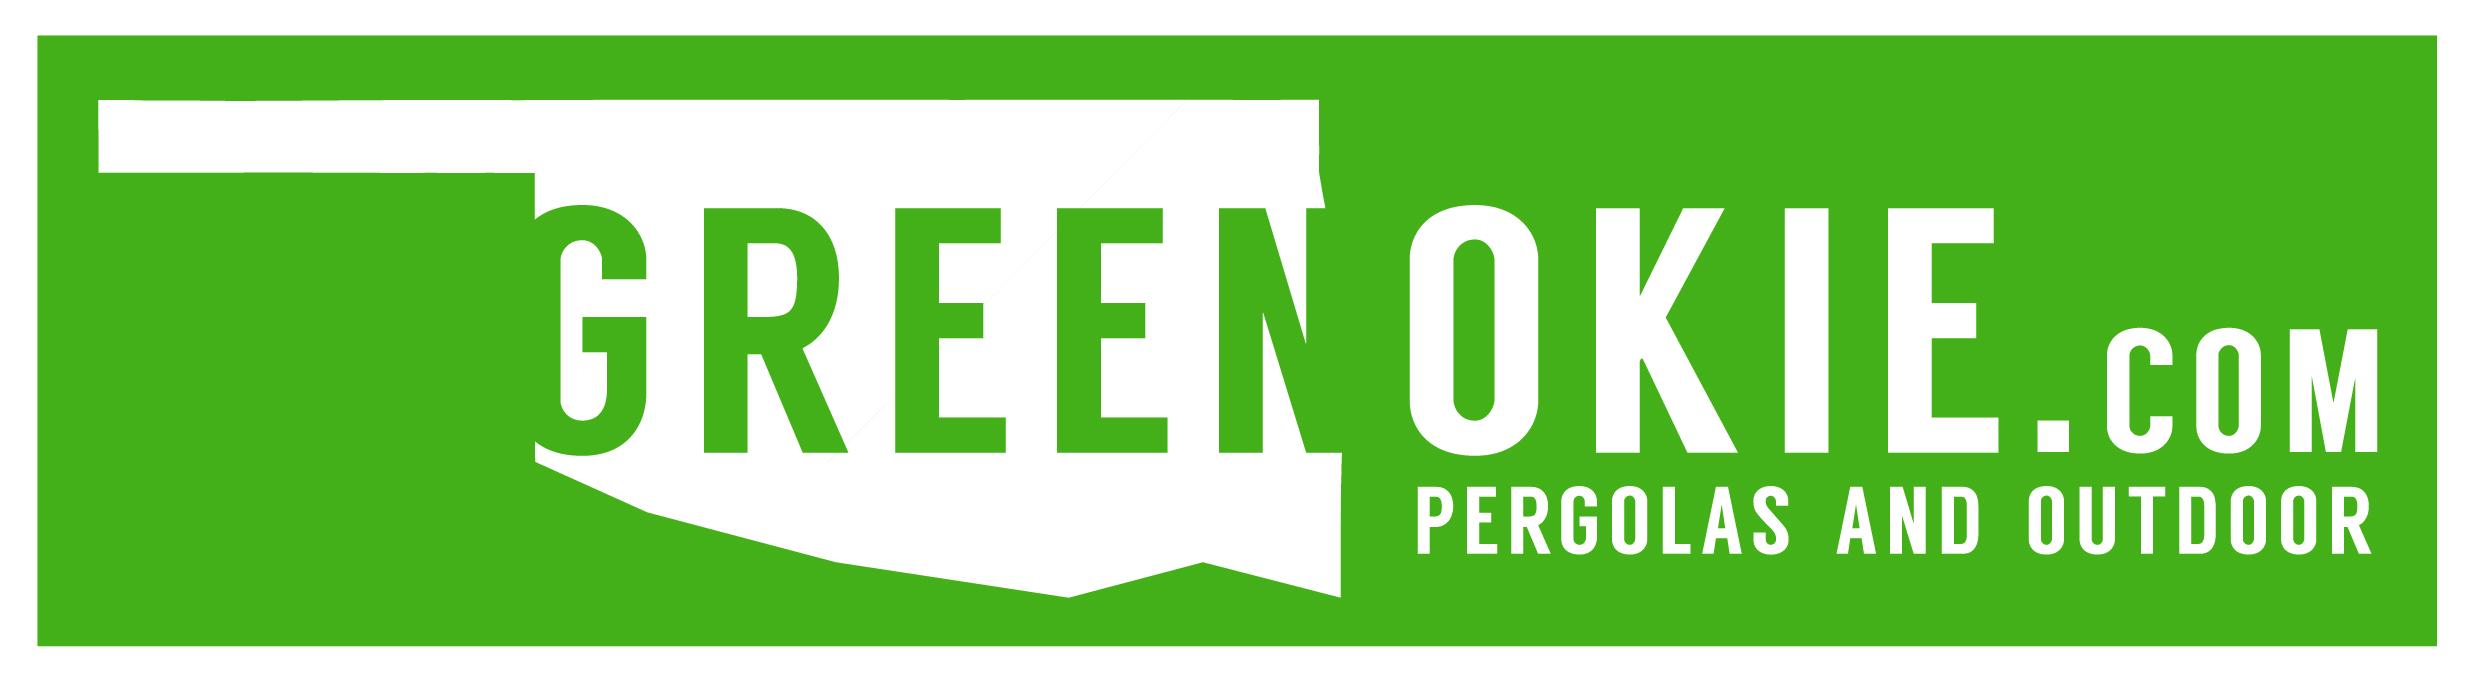 GreenOkie_Logo-02.jpg